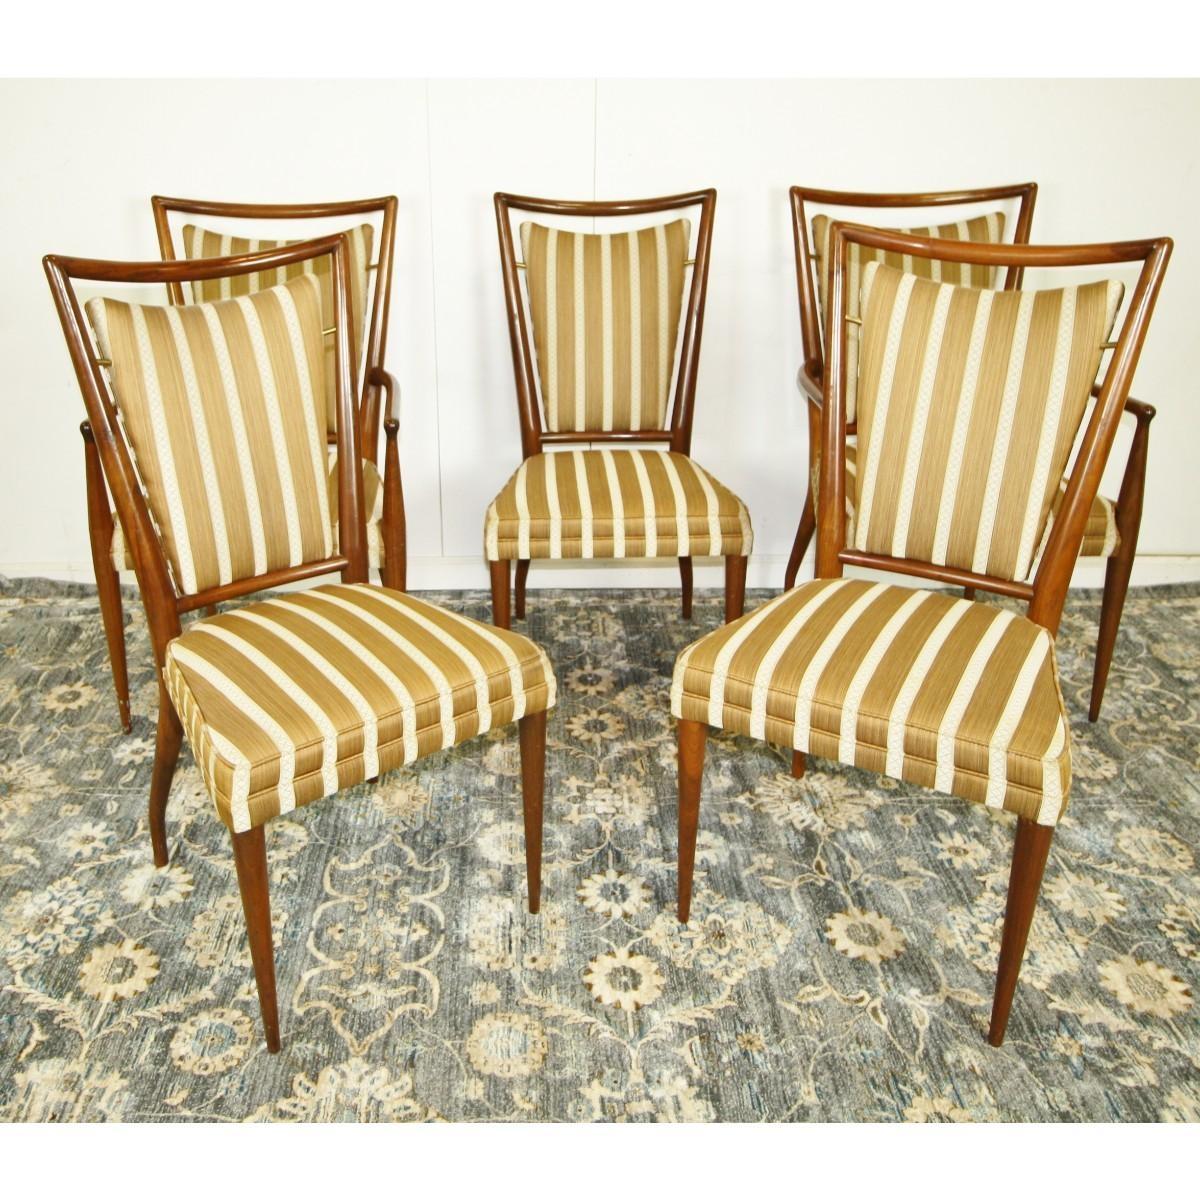 Widdicomb John A Set Of Six Striped Widdicomb Dining Chairs Mutualart